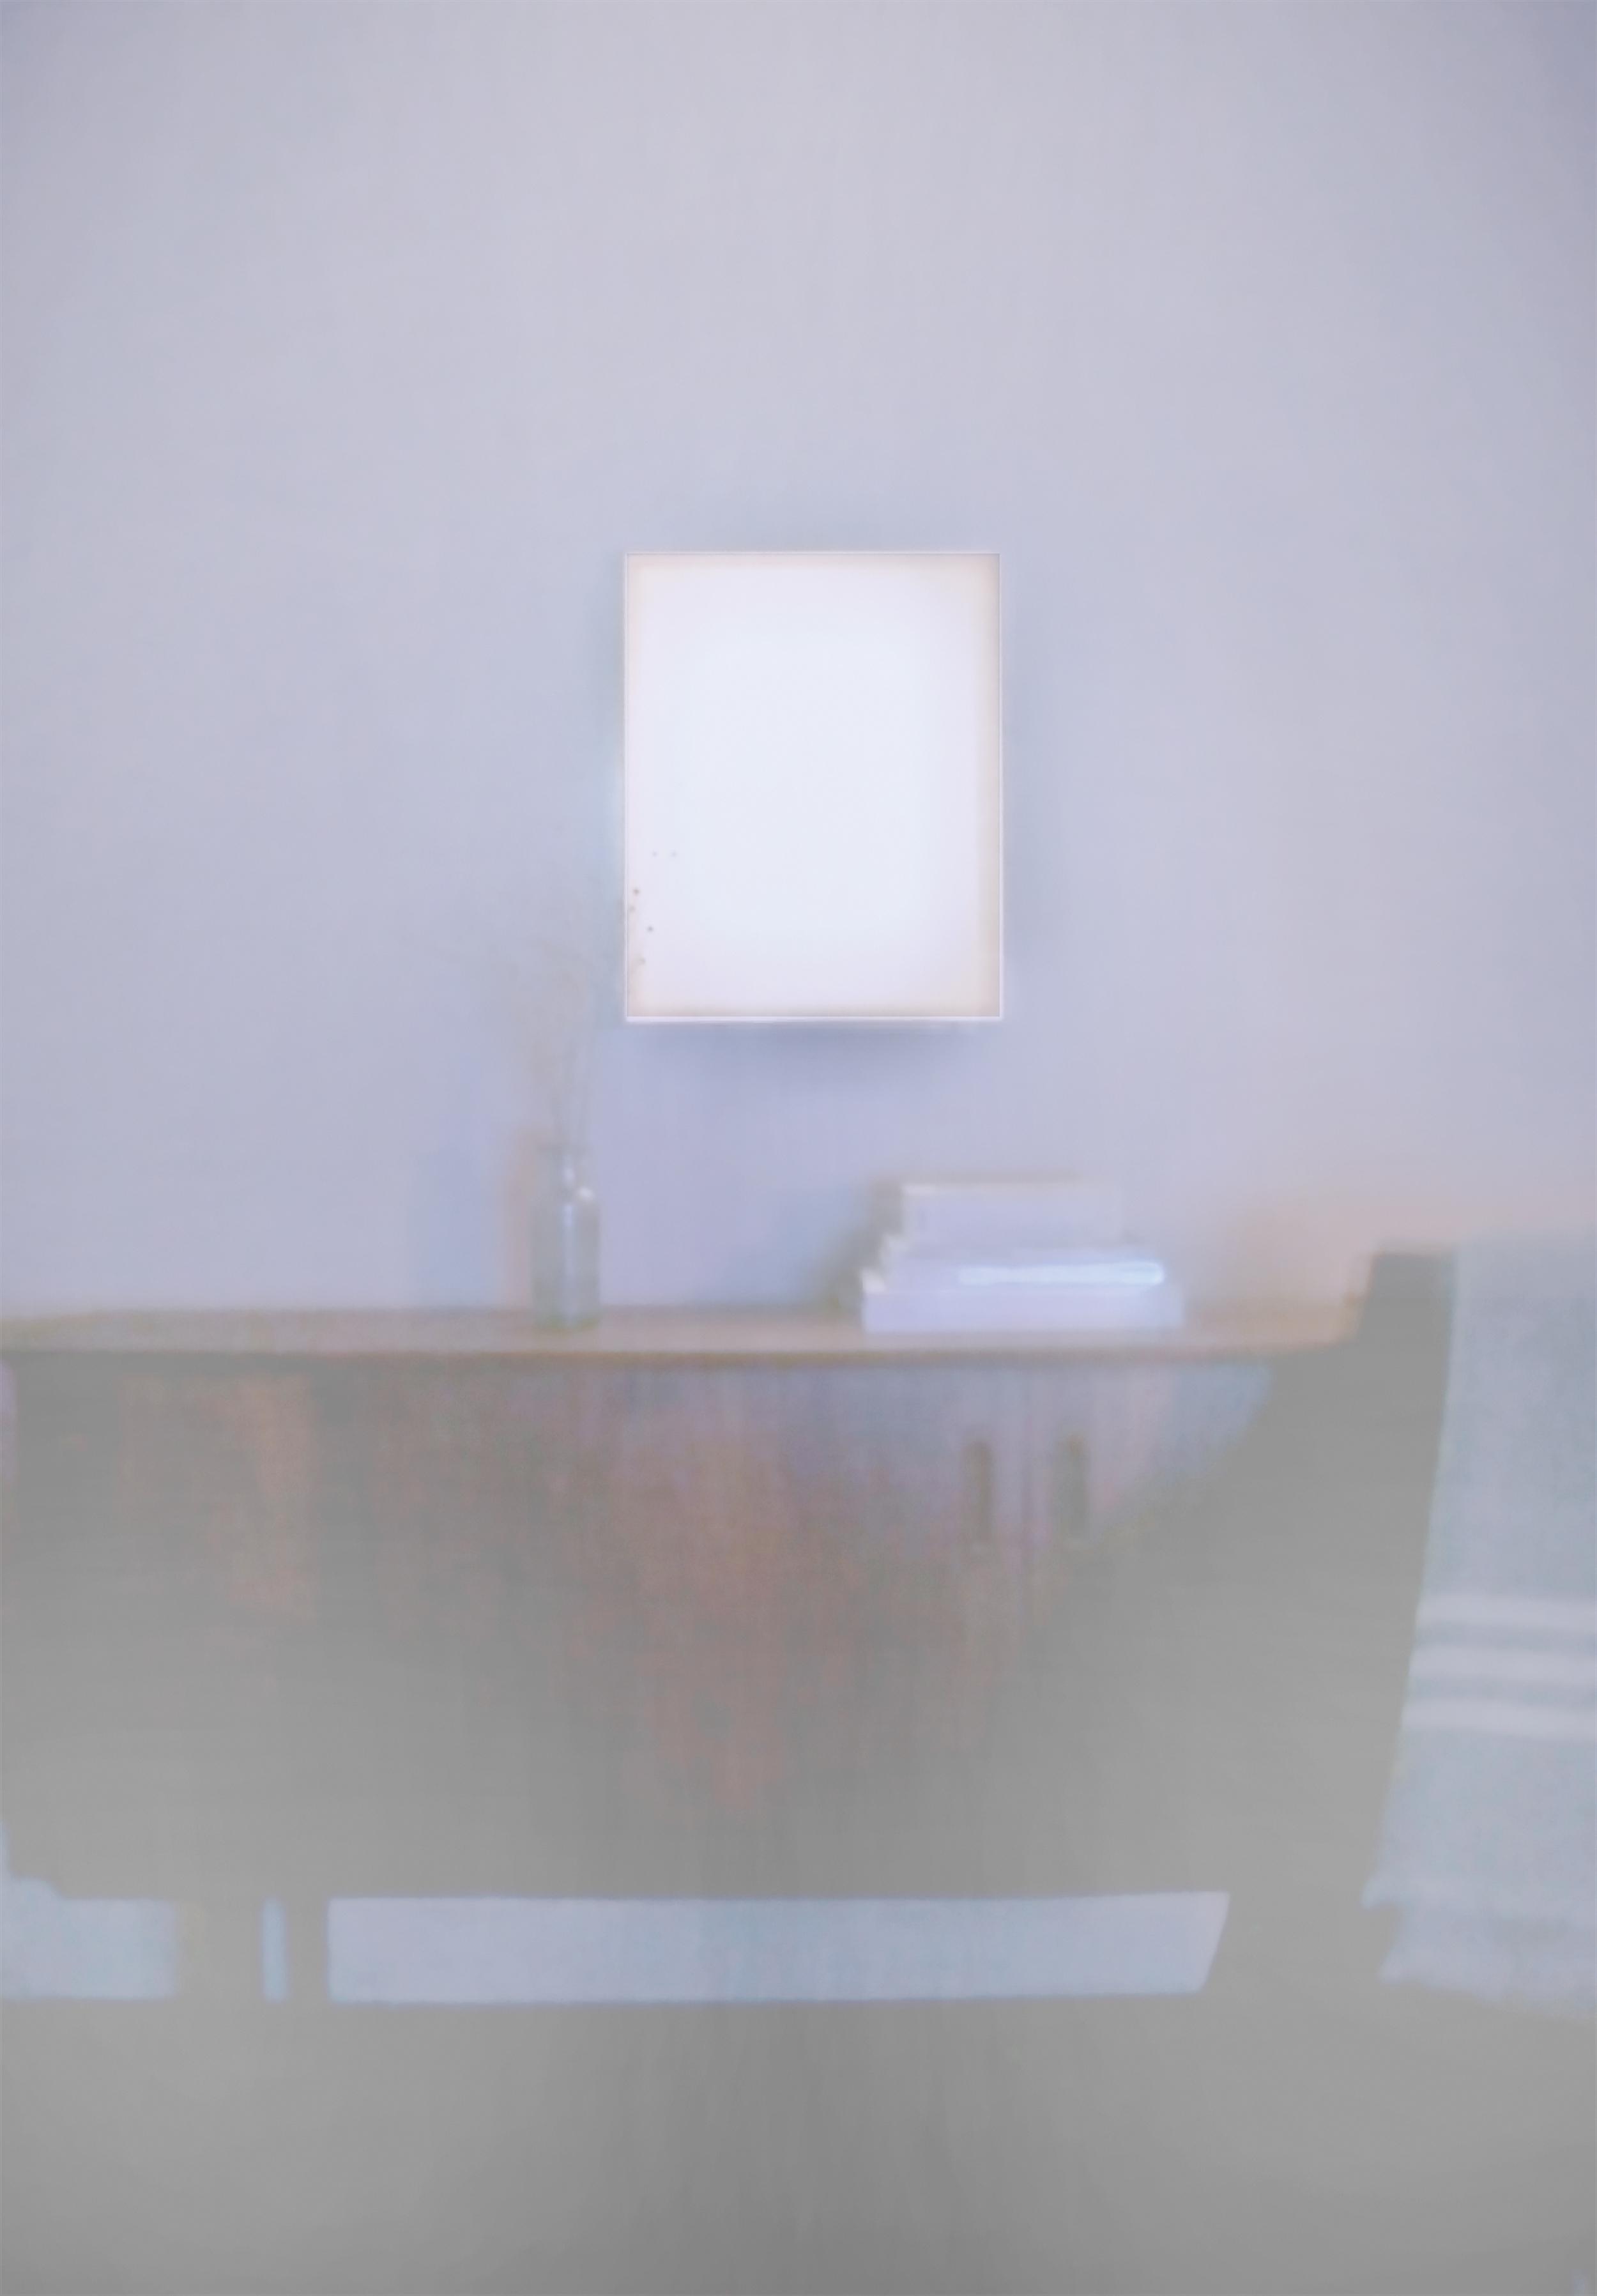 03_Rothko_light_web.jpg